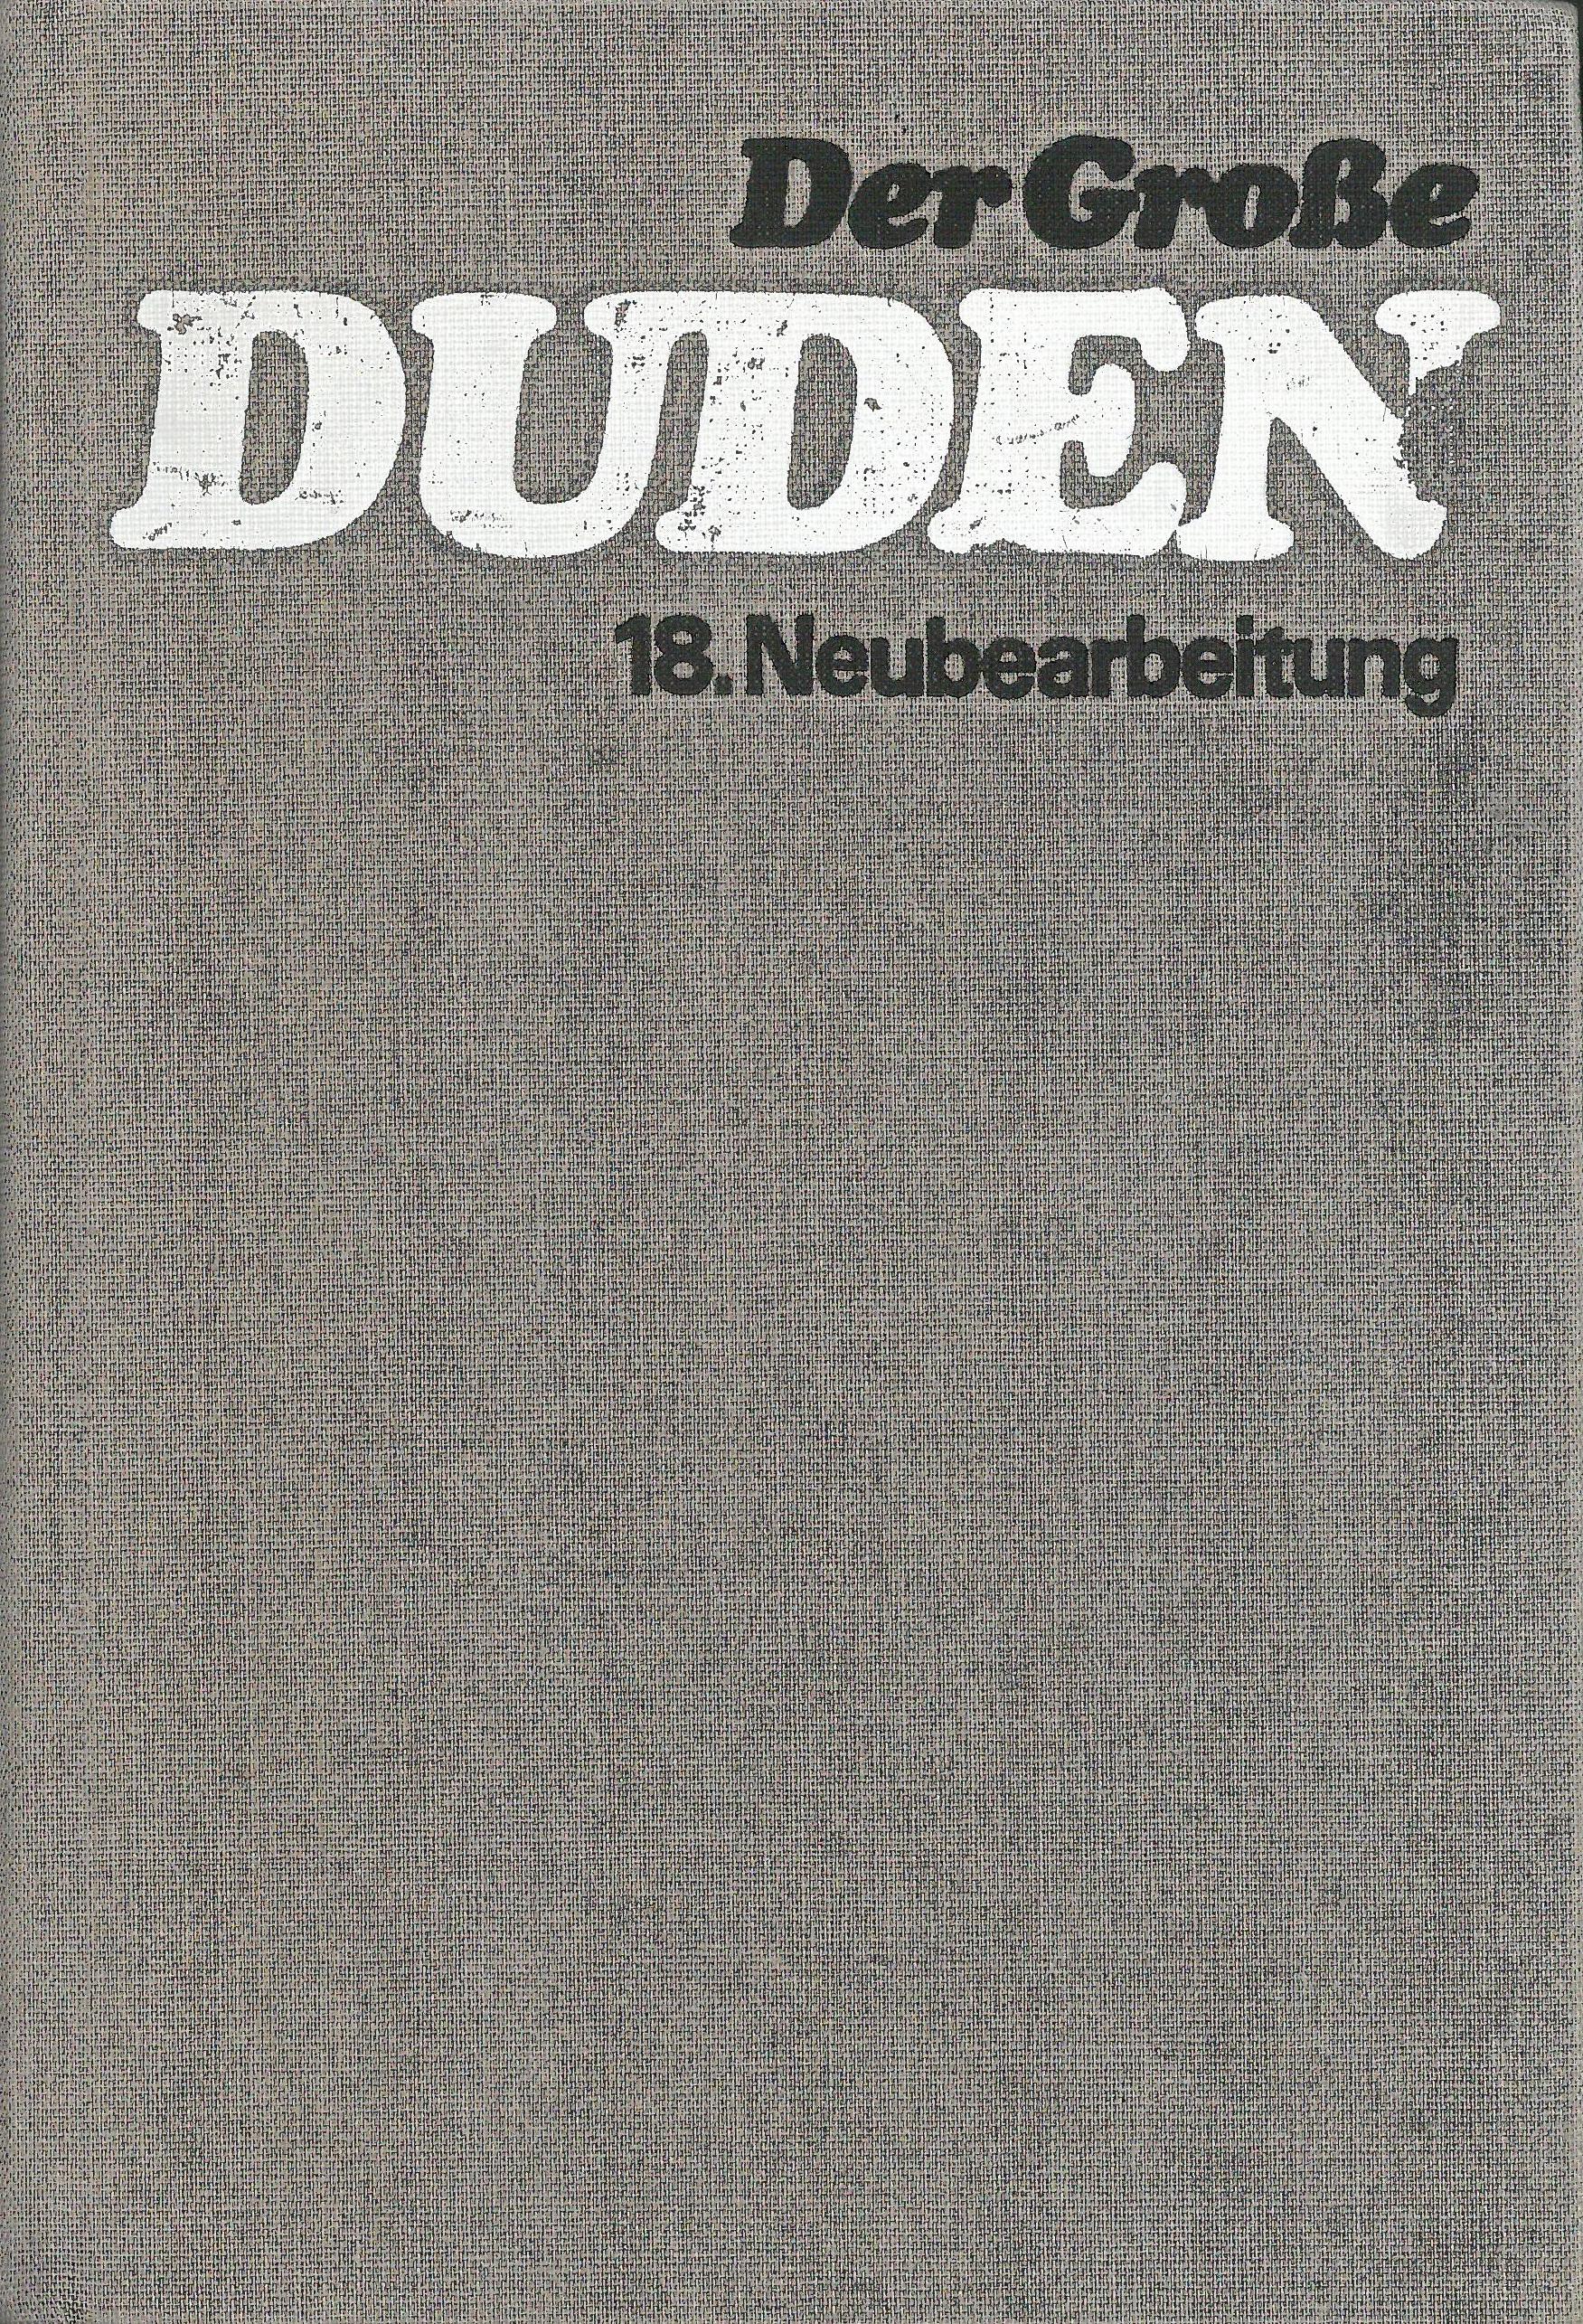 Buchcover Duden von 1985 DDR